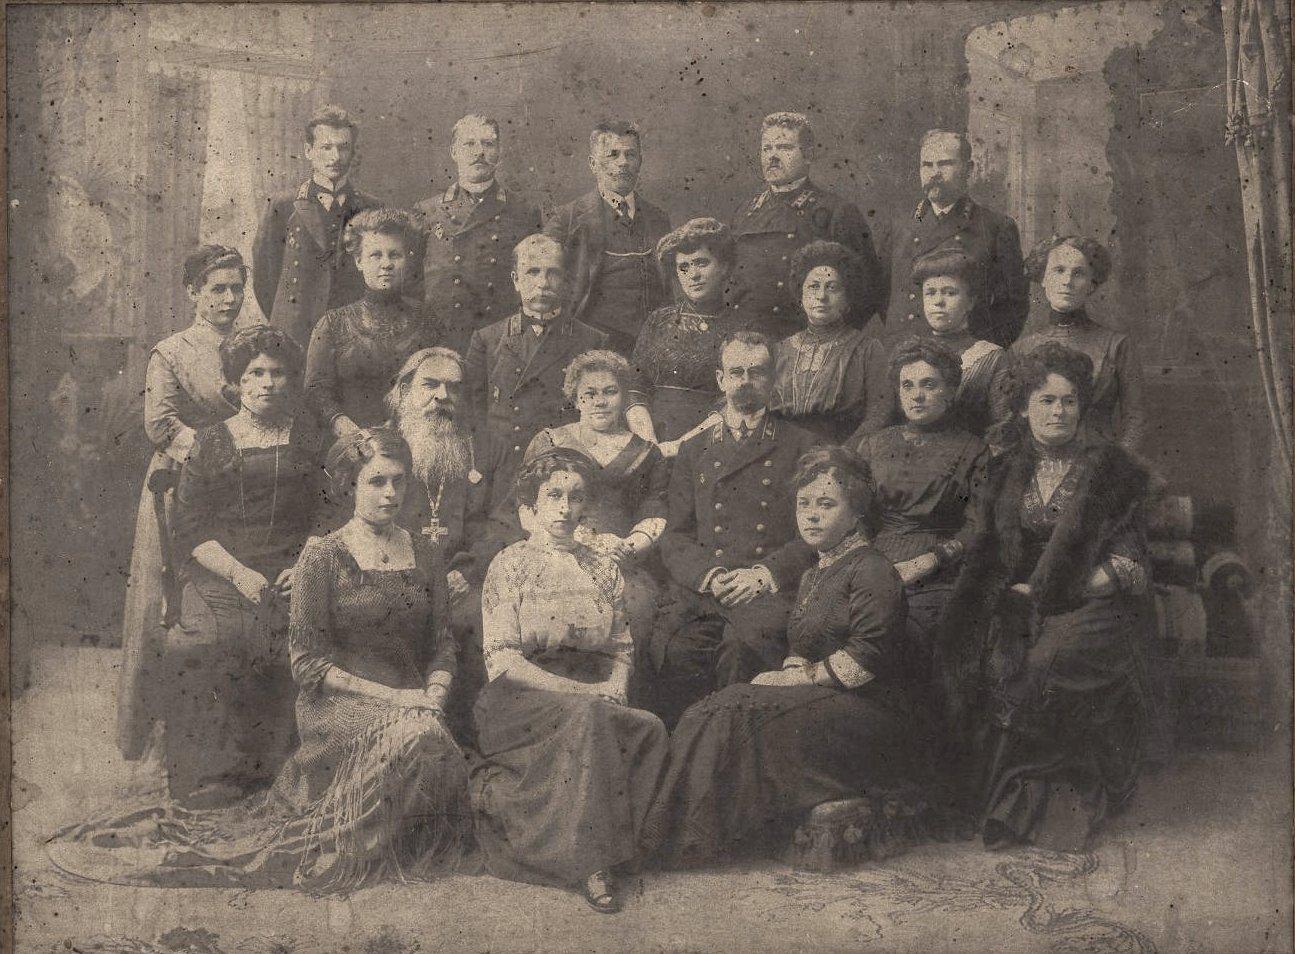 Преподаватели женской казённой гимназии. 1907-1911 гг.